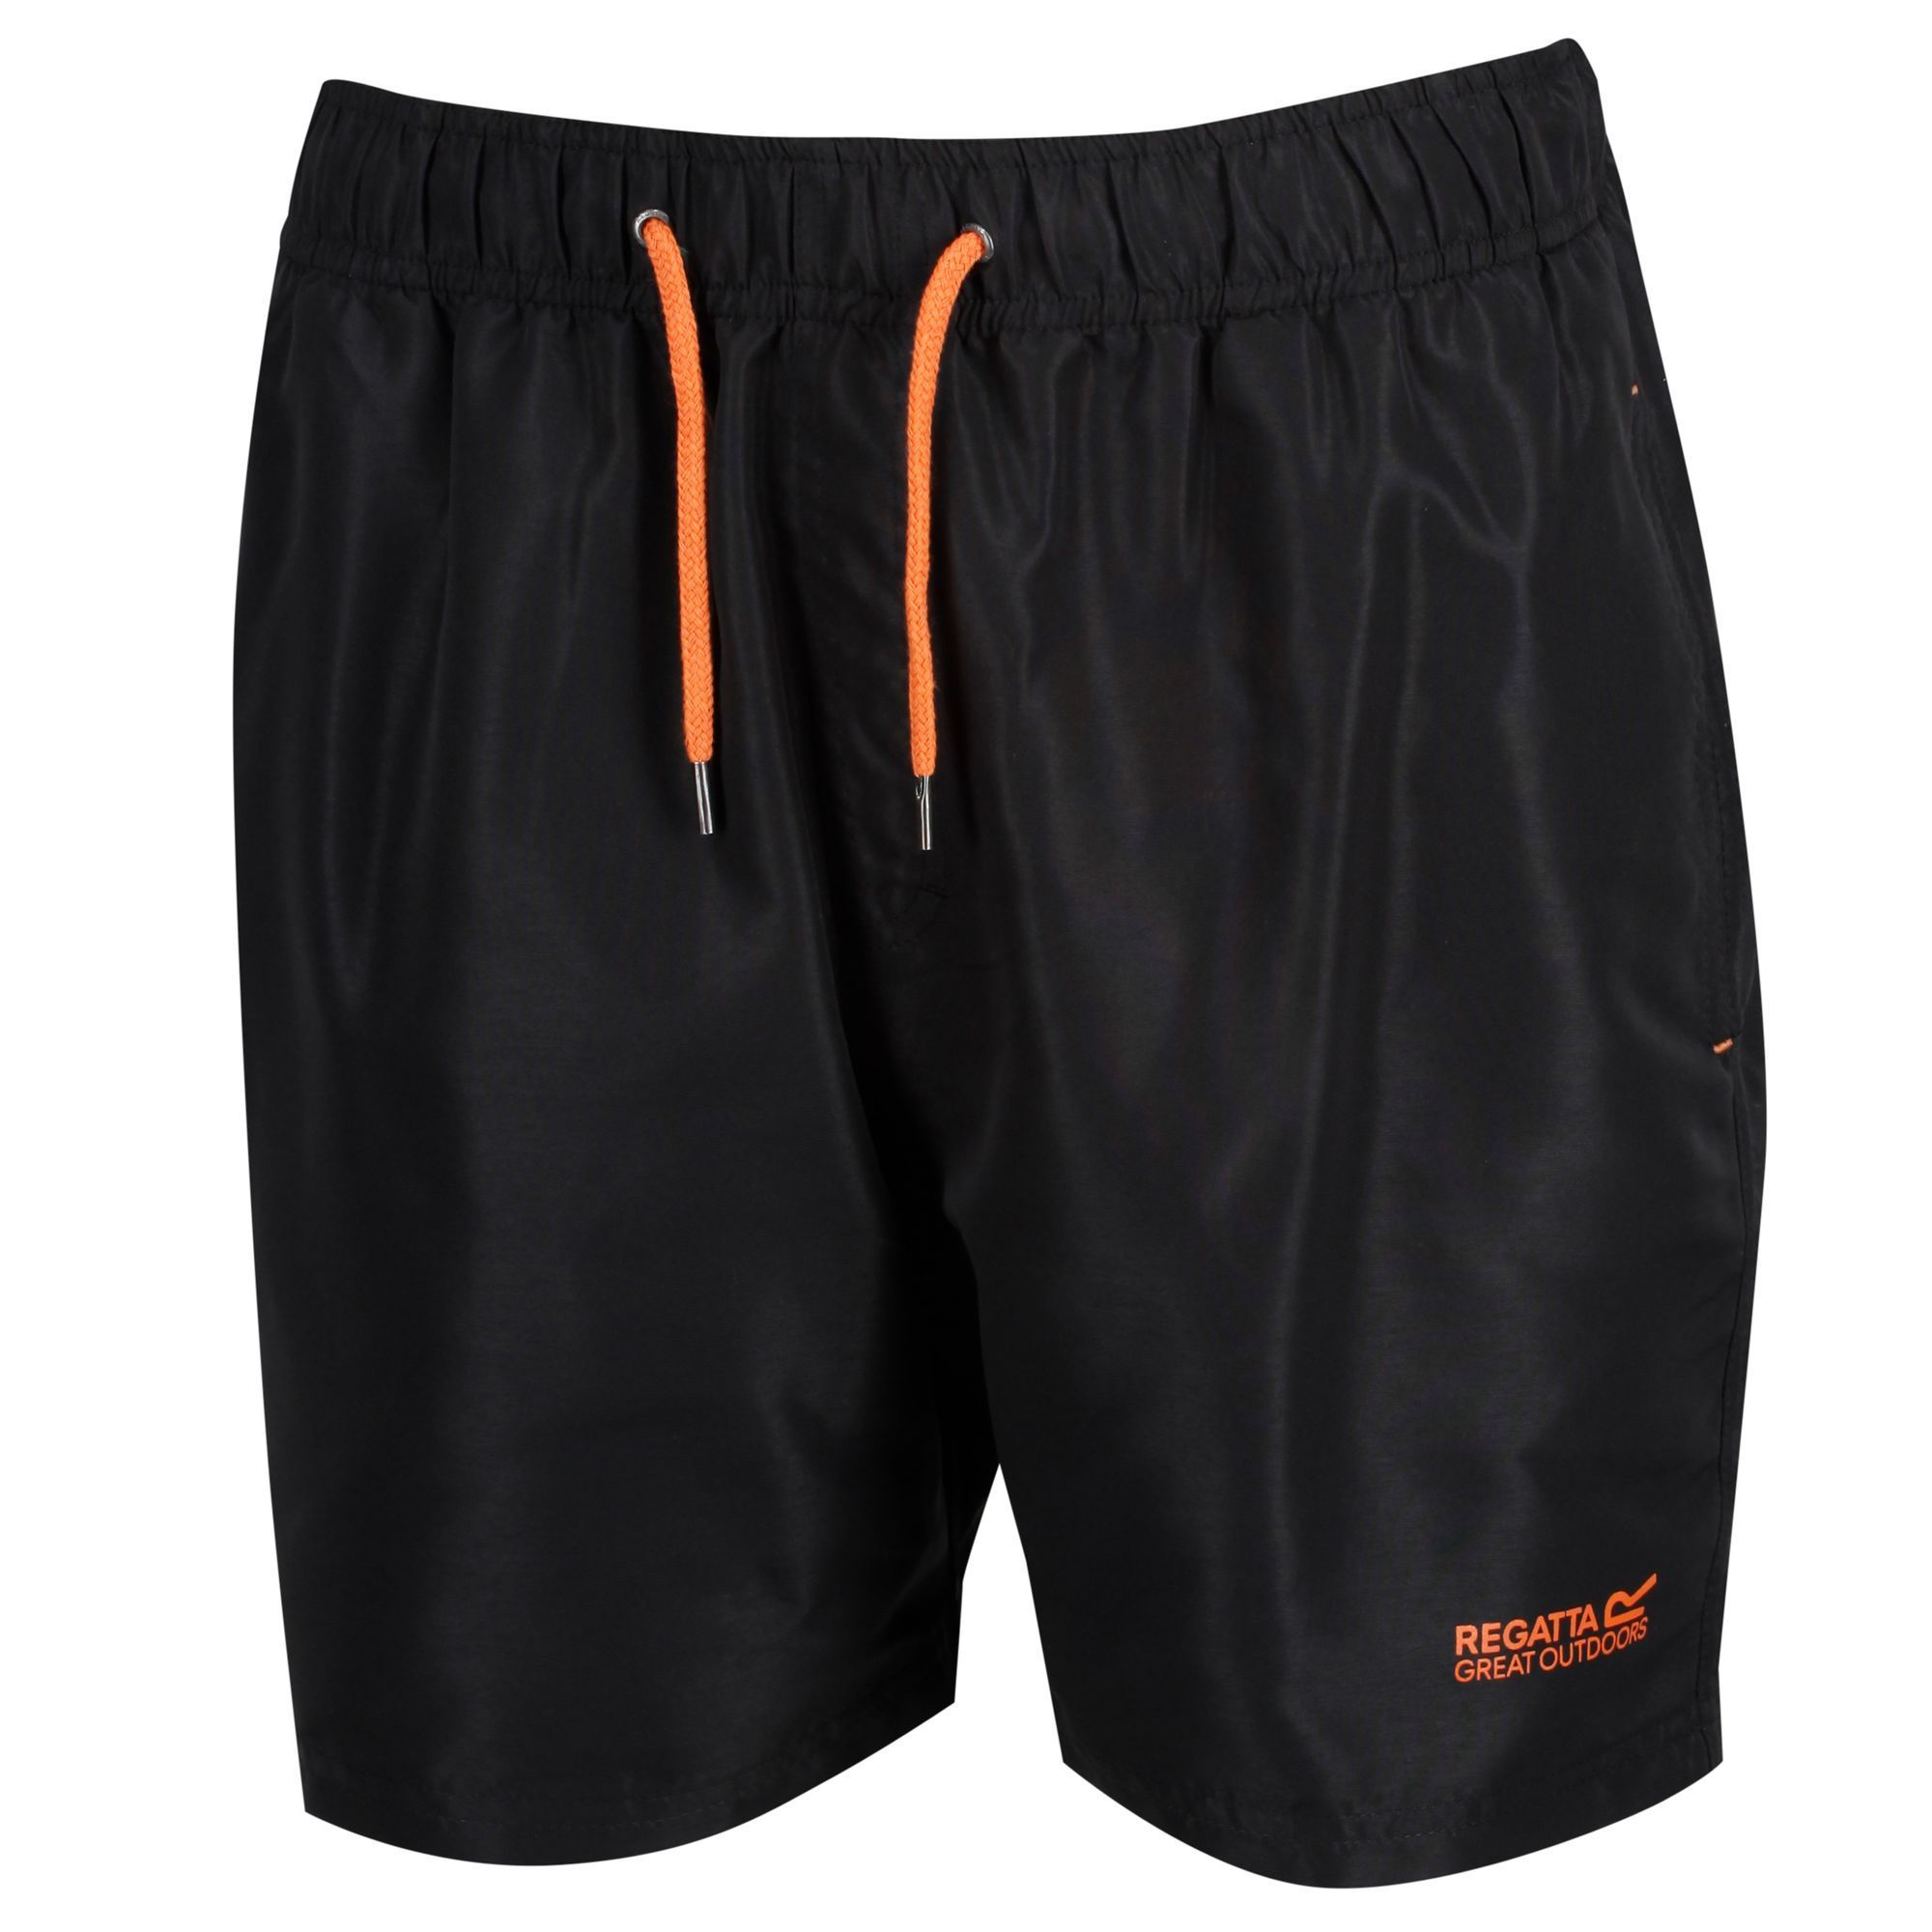 Regatta Mens Mawson II Swim Shorts